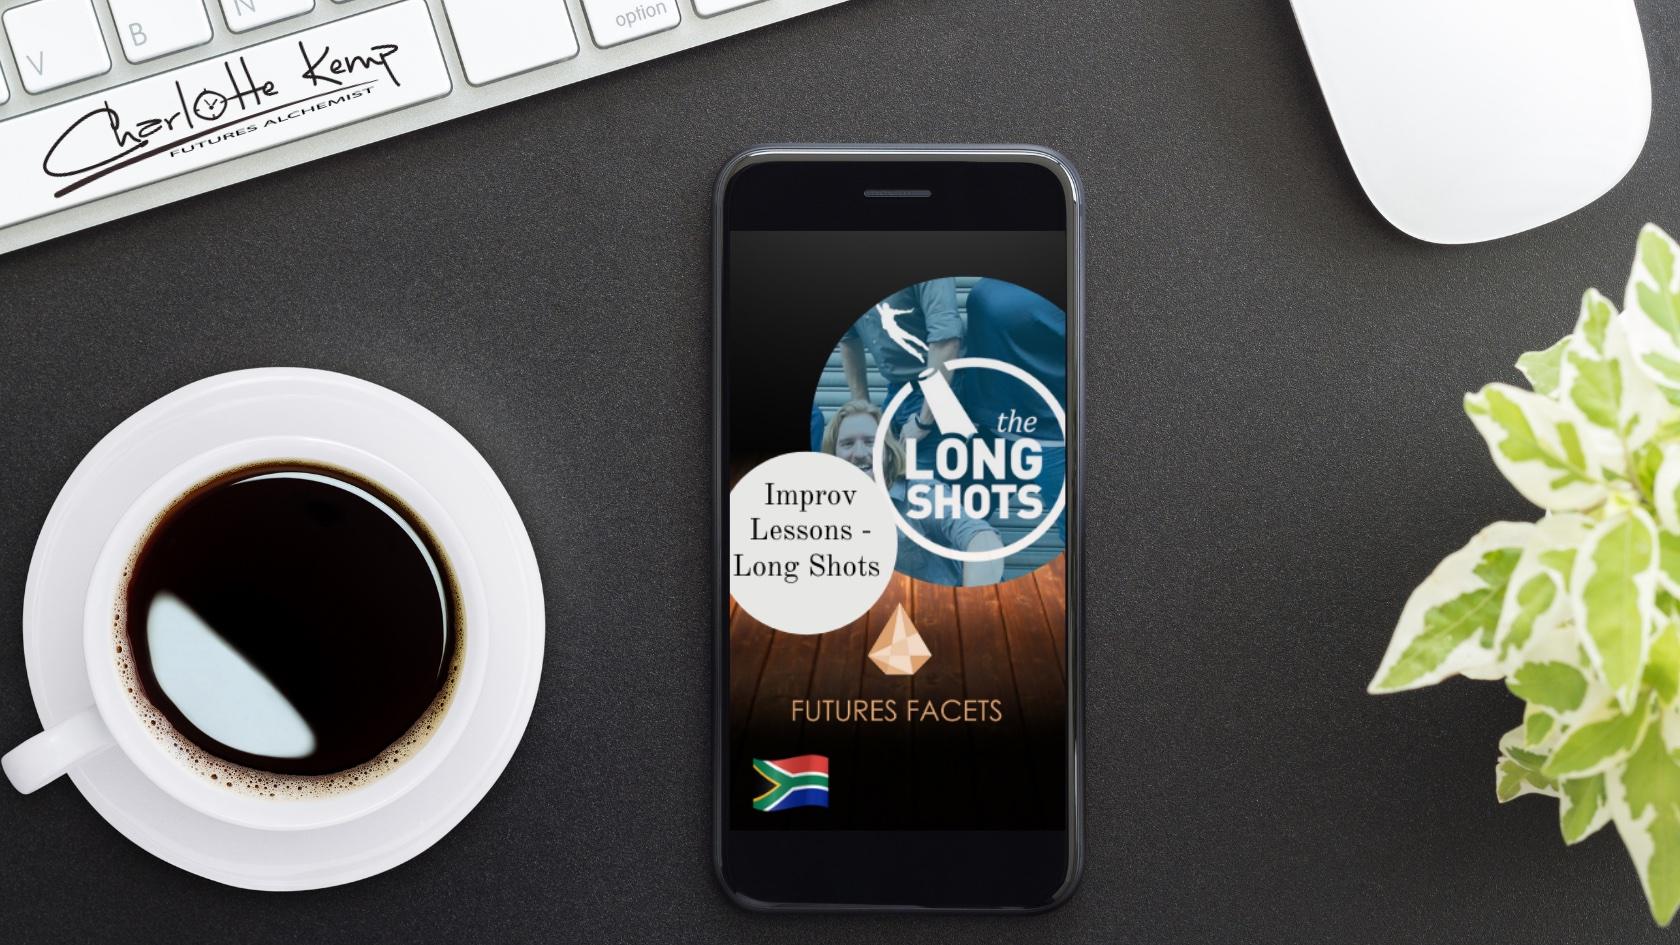 LongShots Futures Facets Improvisation